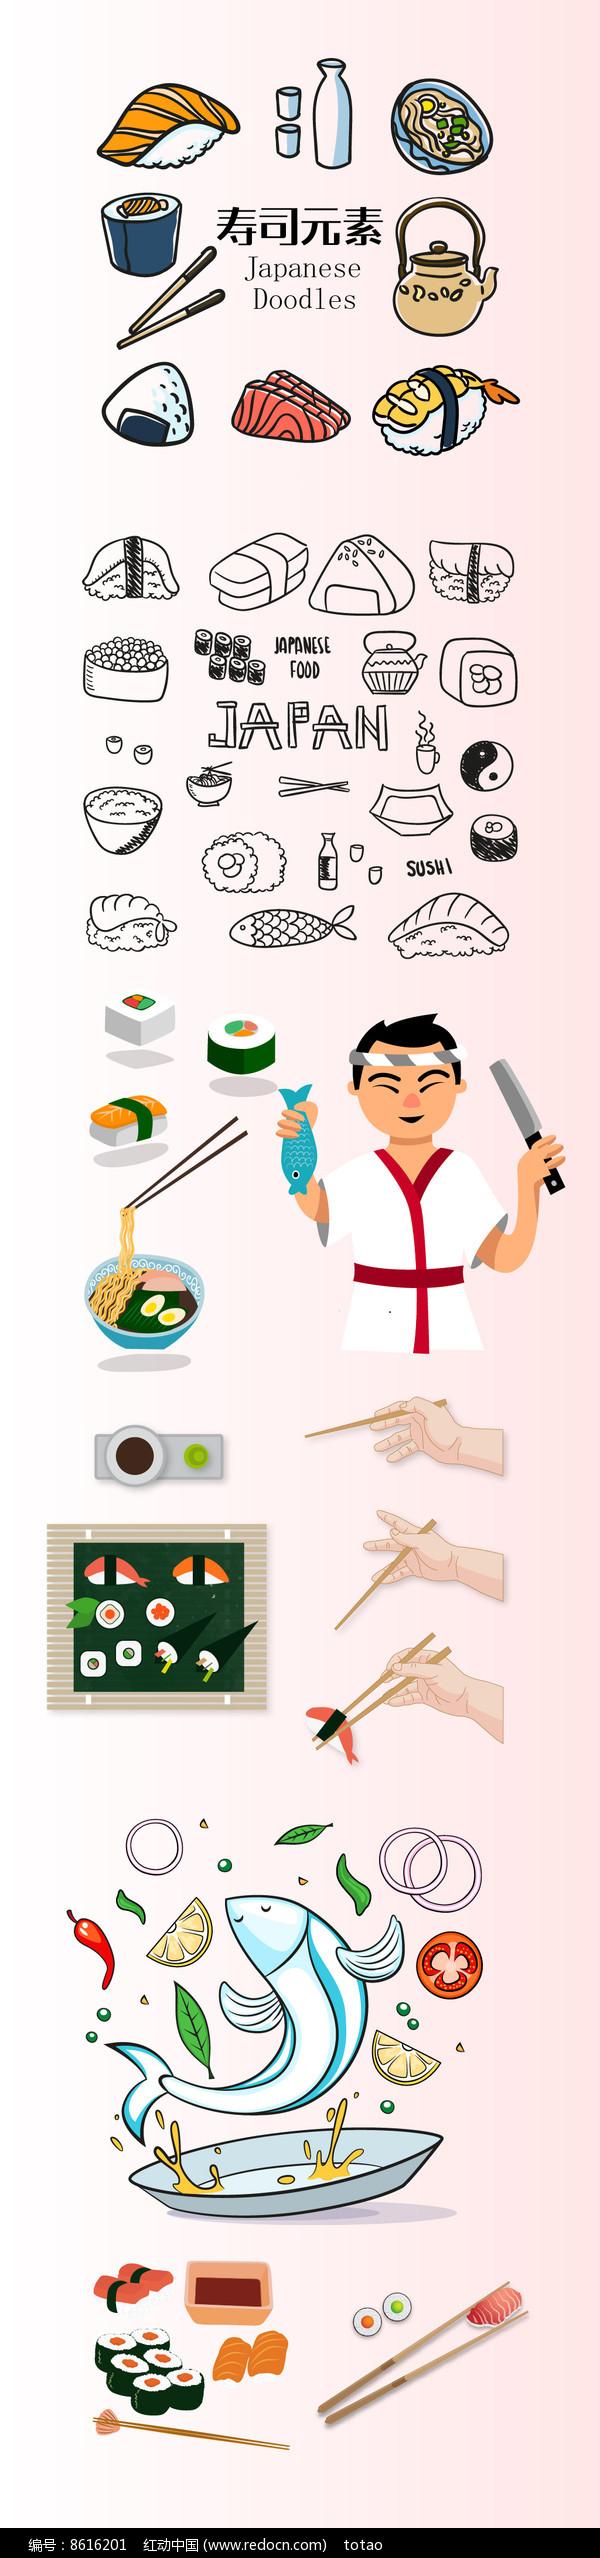 日式寿司刺身美食元素素材图片